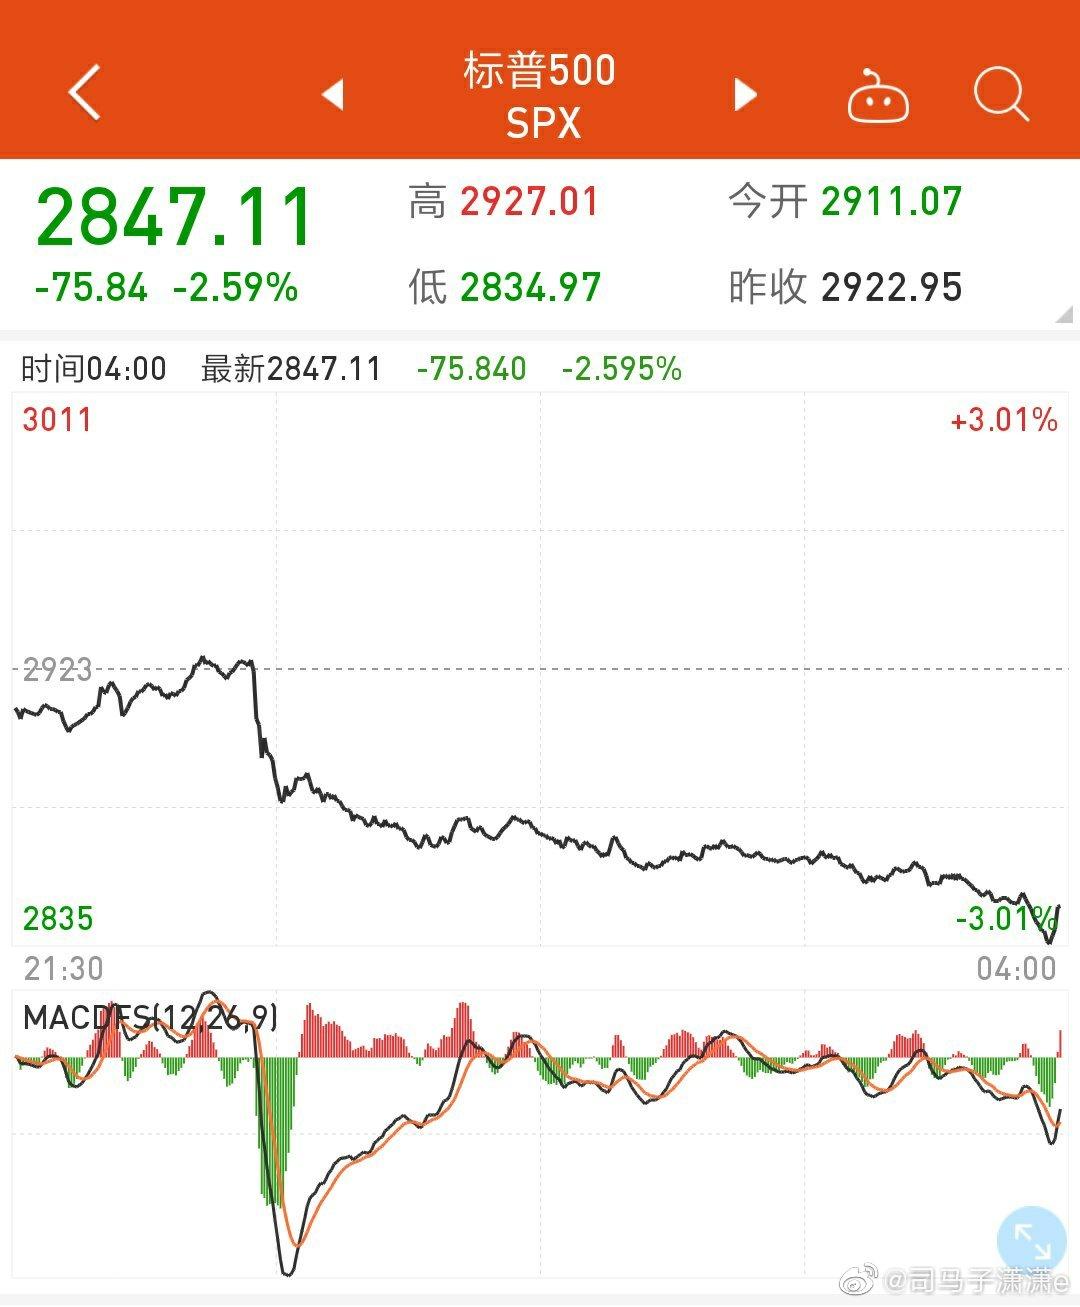 昨晚黄金价格大涨,美股暴跌,沉重的资产负担,老特也没招